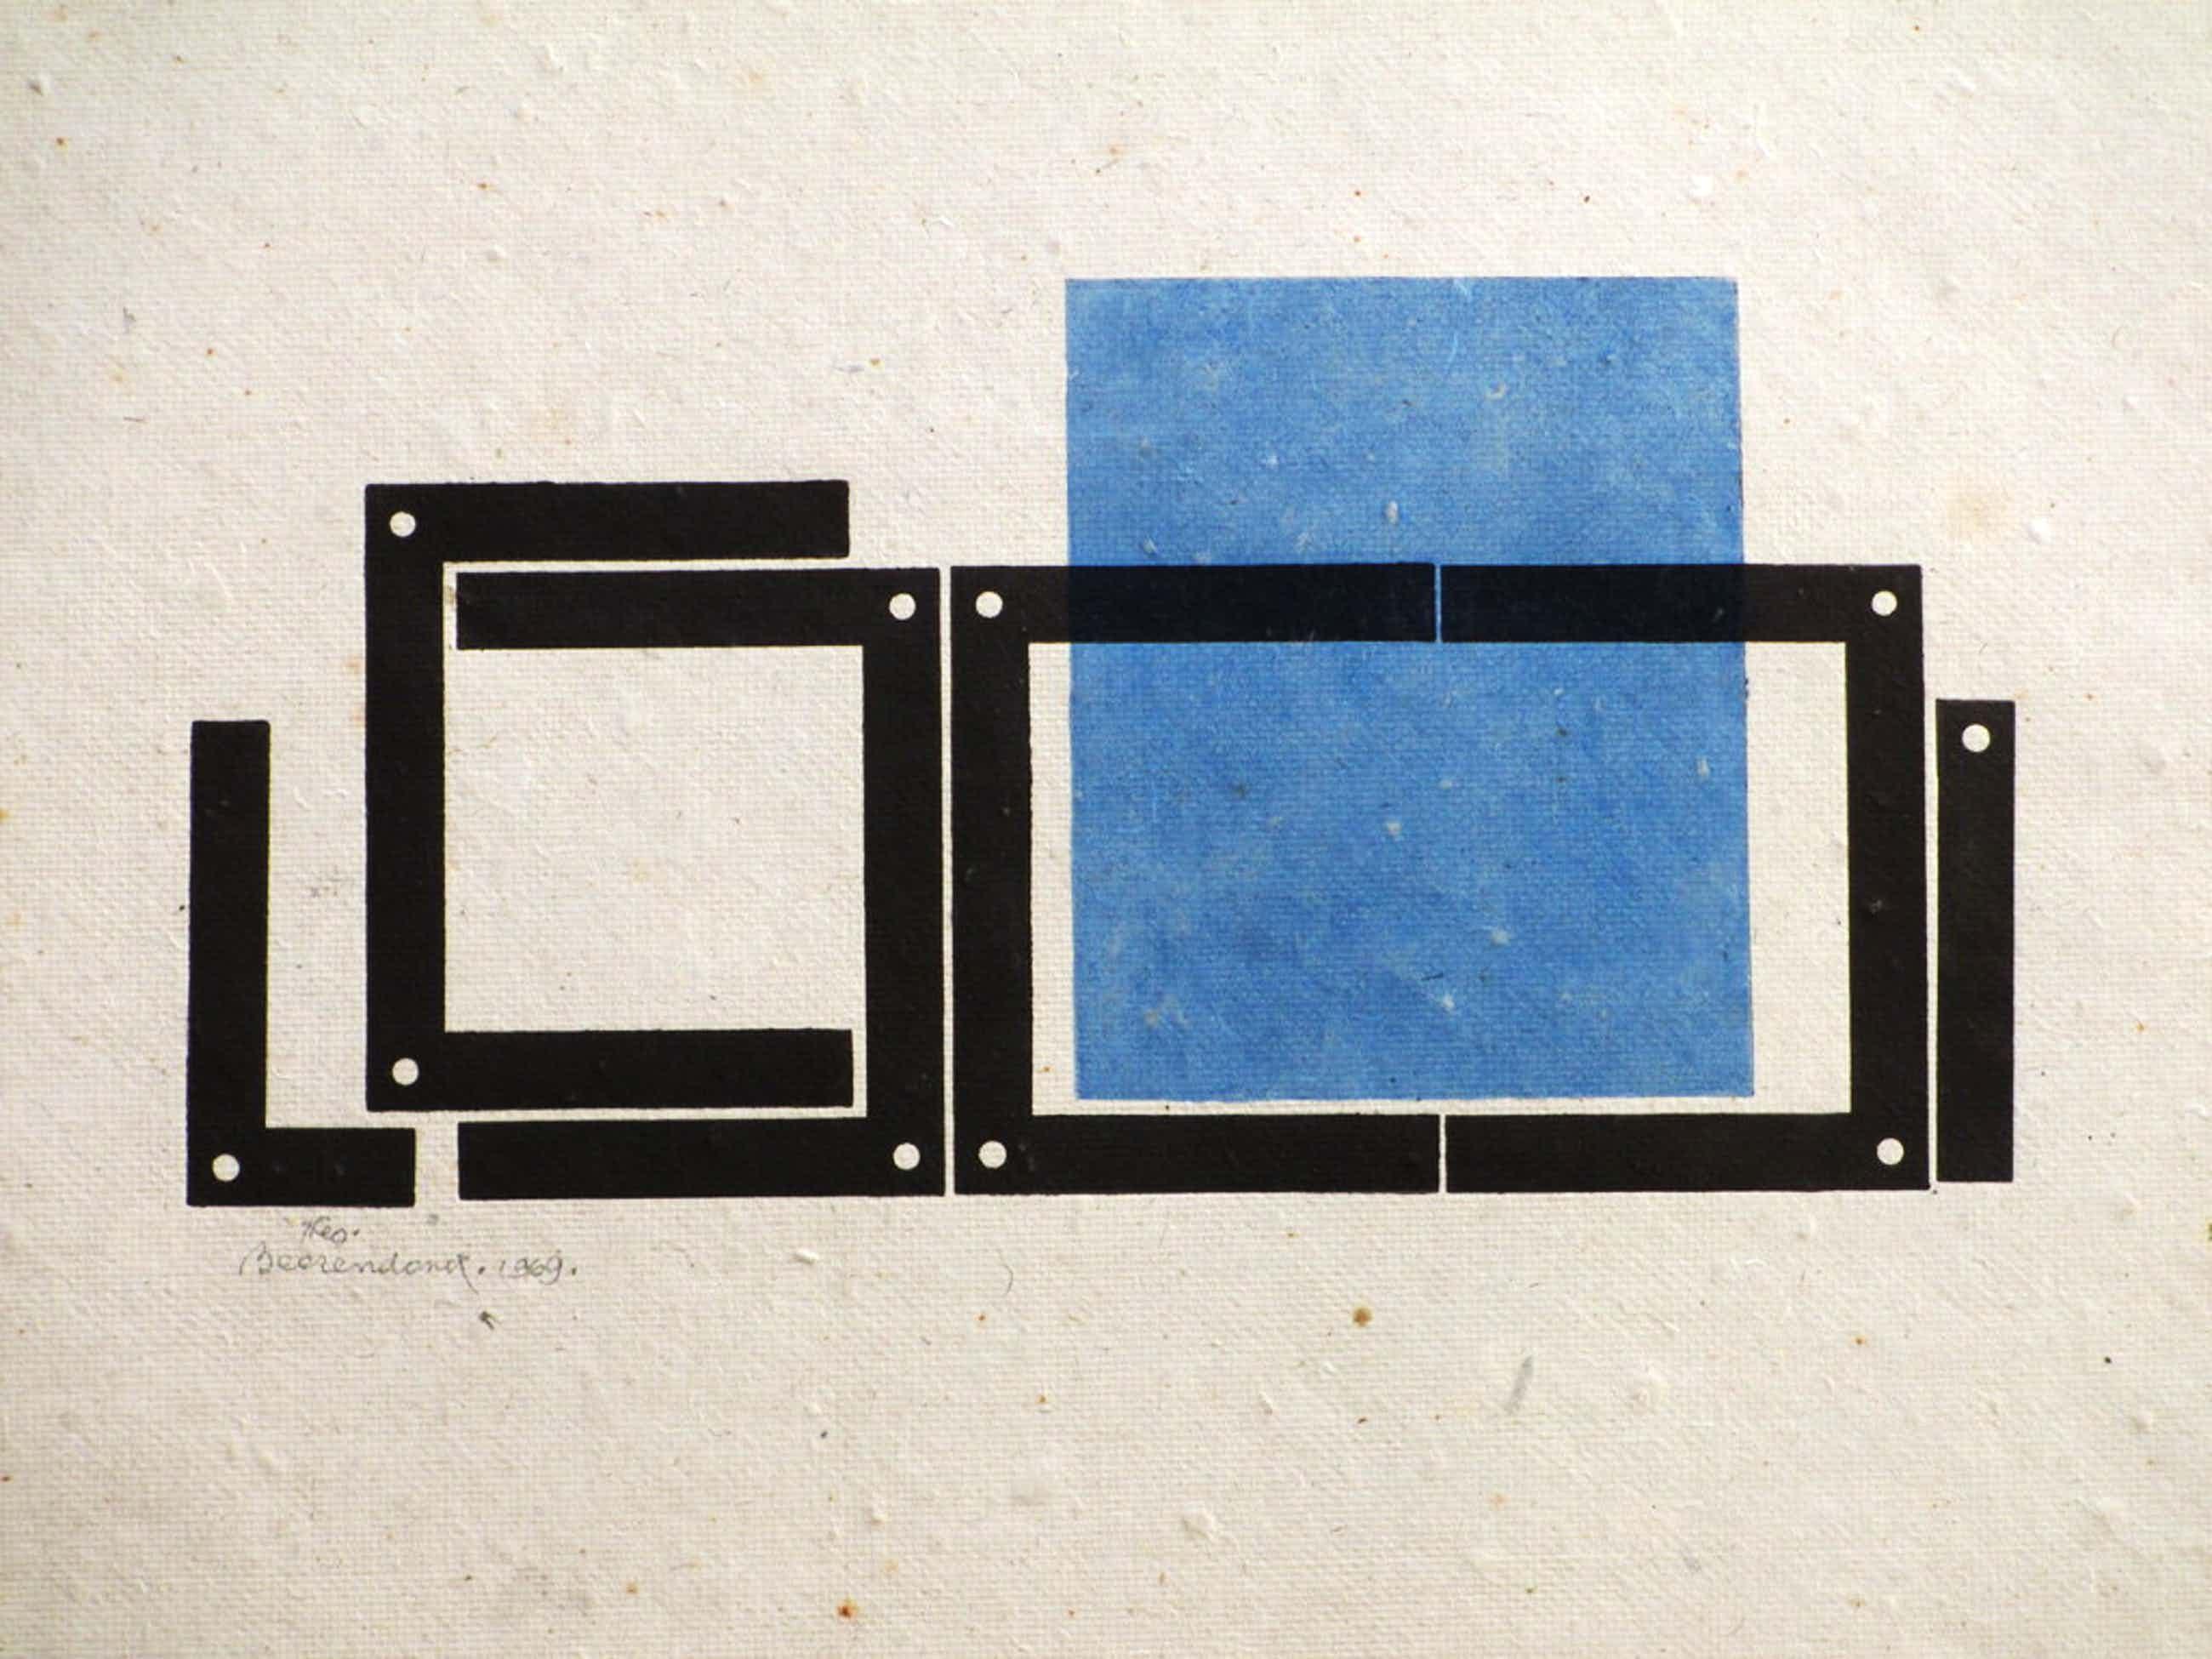 Theo Beerendonk - Theo Beerendonk, Geometrische voorstelling in zwart/blauw, Diepdruk kopen? Bied vanaf 45!